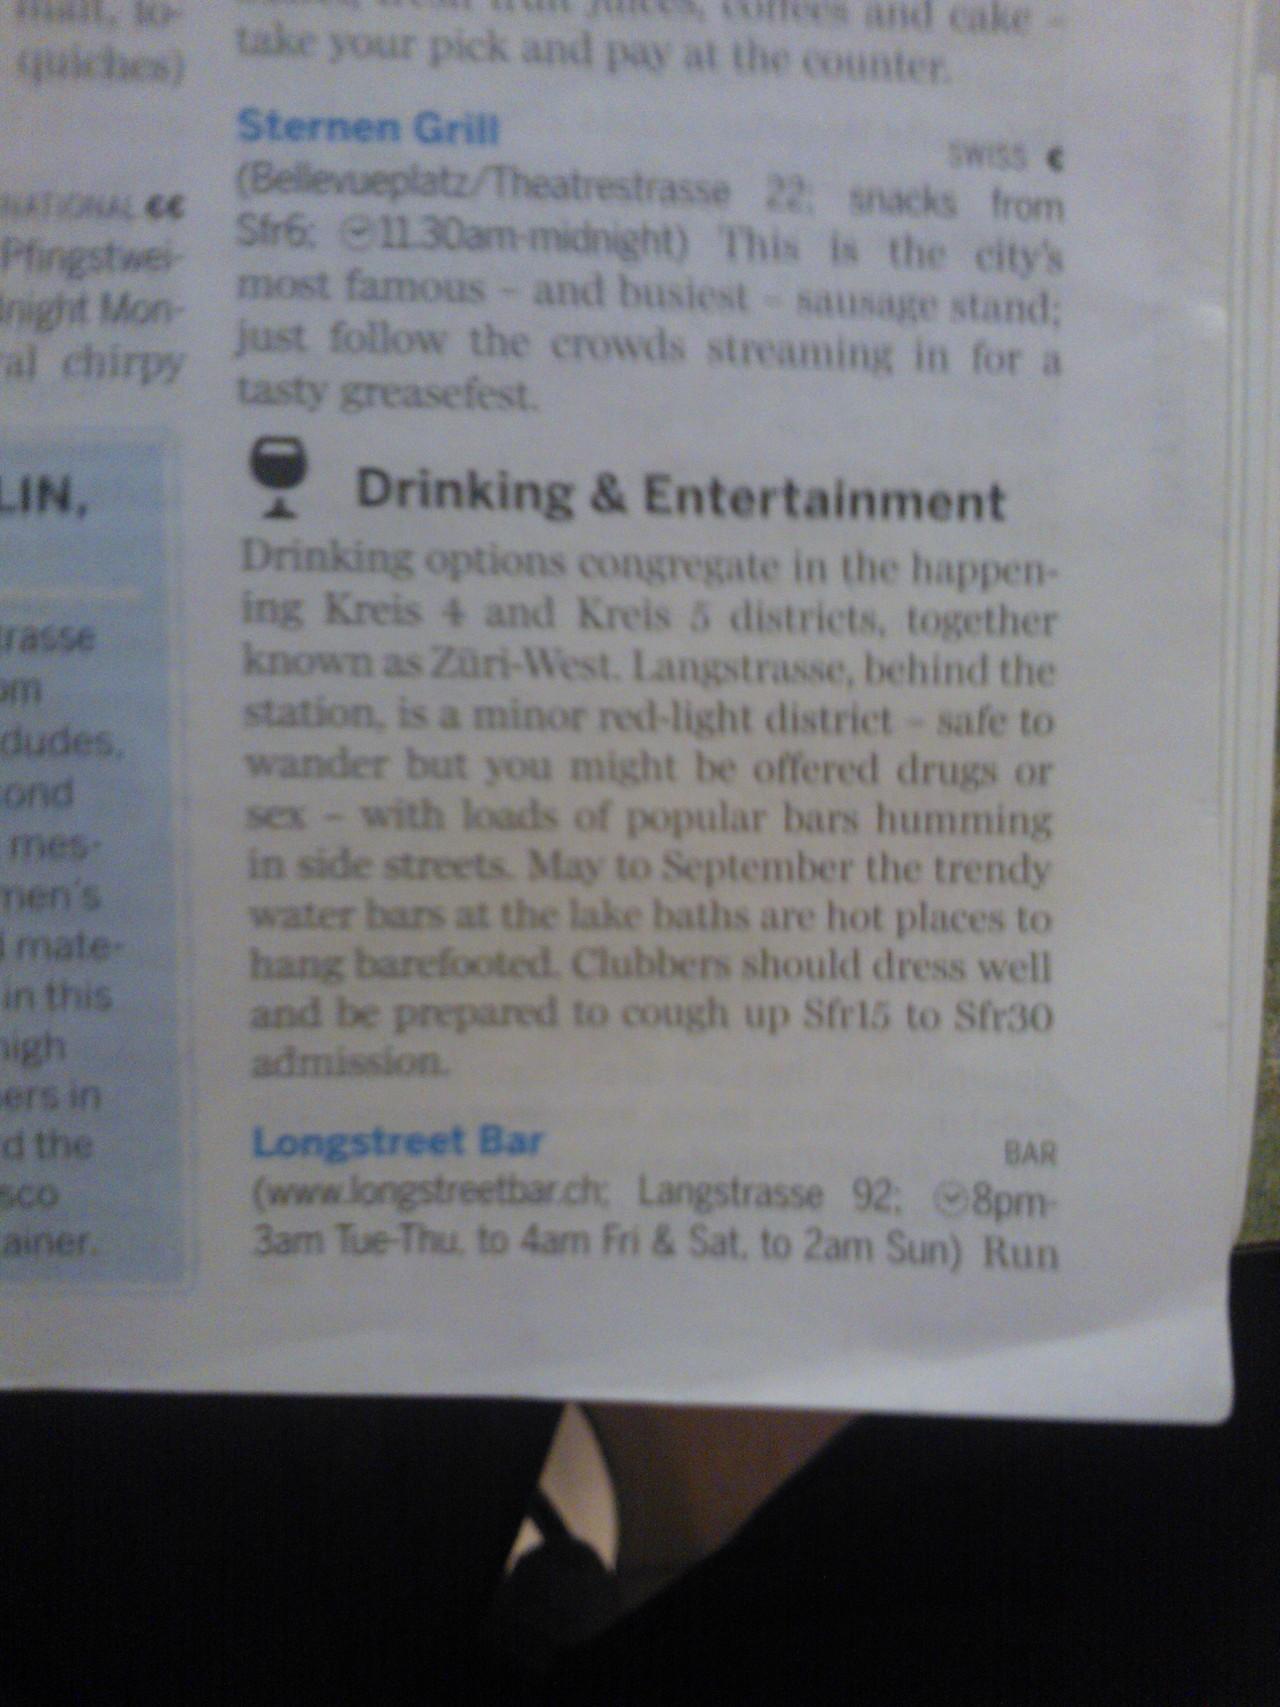 …might be offered drugs or sex.    Das Bild stammt aus dem Lonely Planet meines Australischen Besuchs. Ich musste schmunzeln.